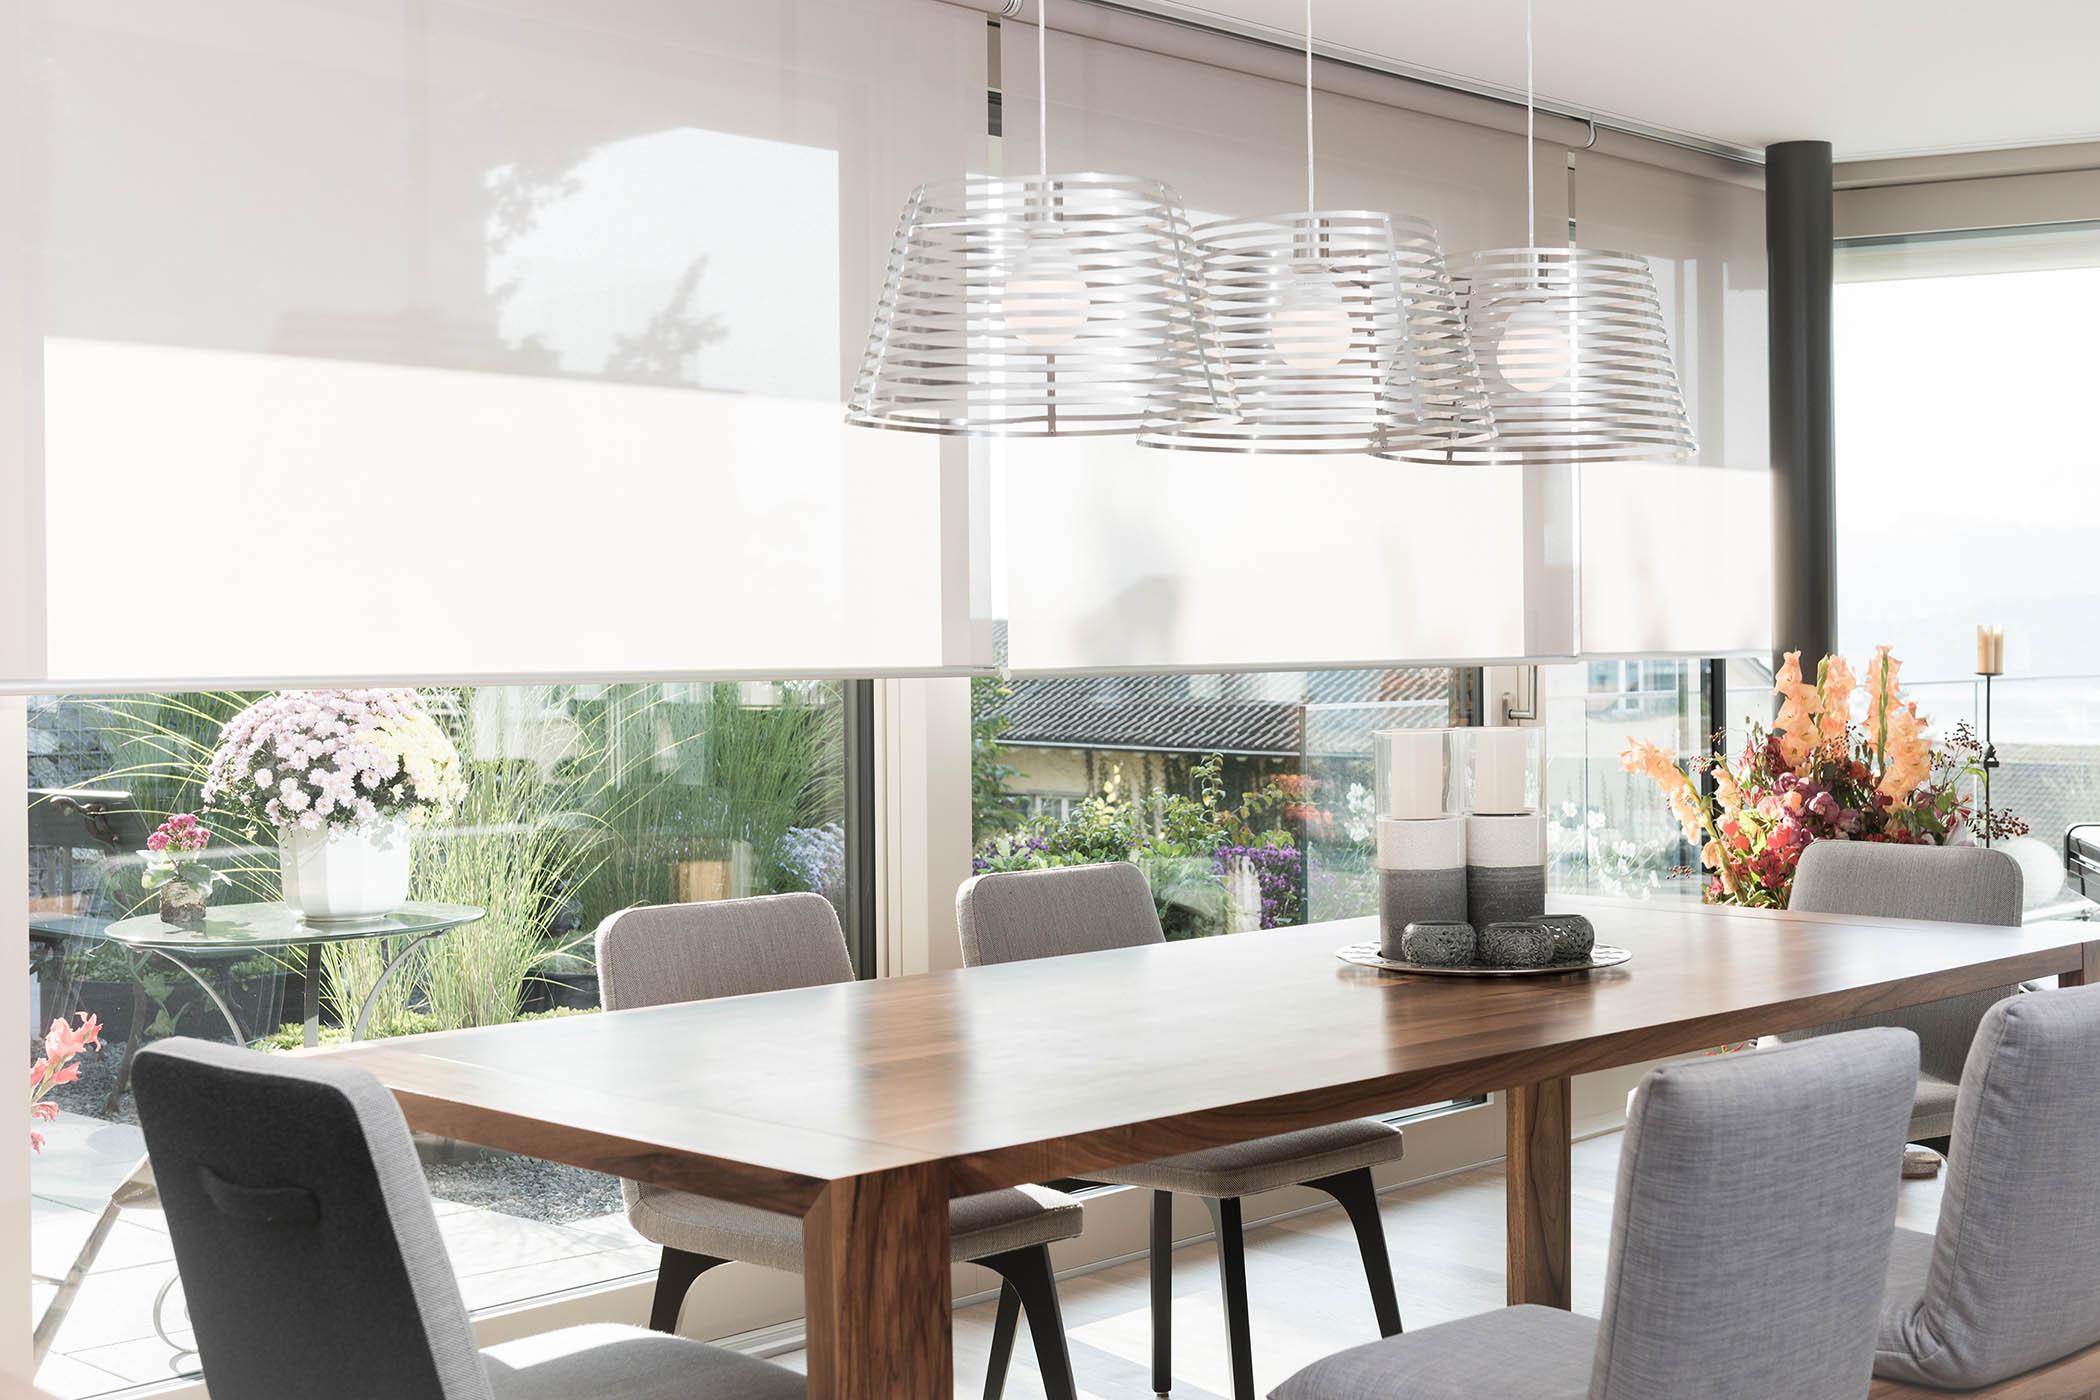 Home gammeter wohngestaltung ag for Innendekoration meilen